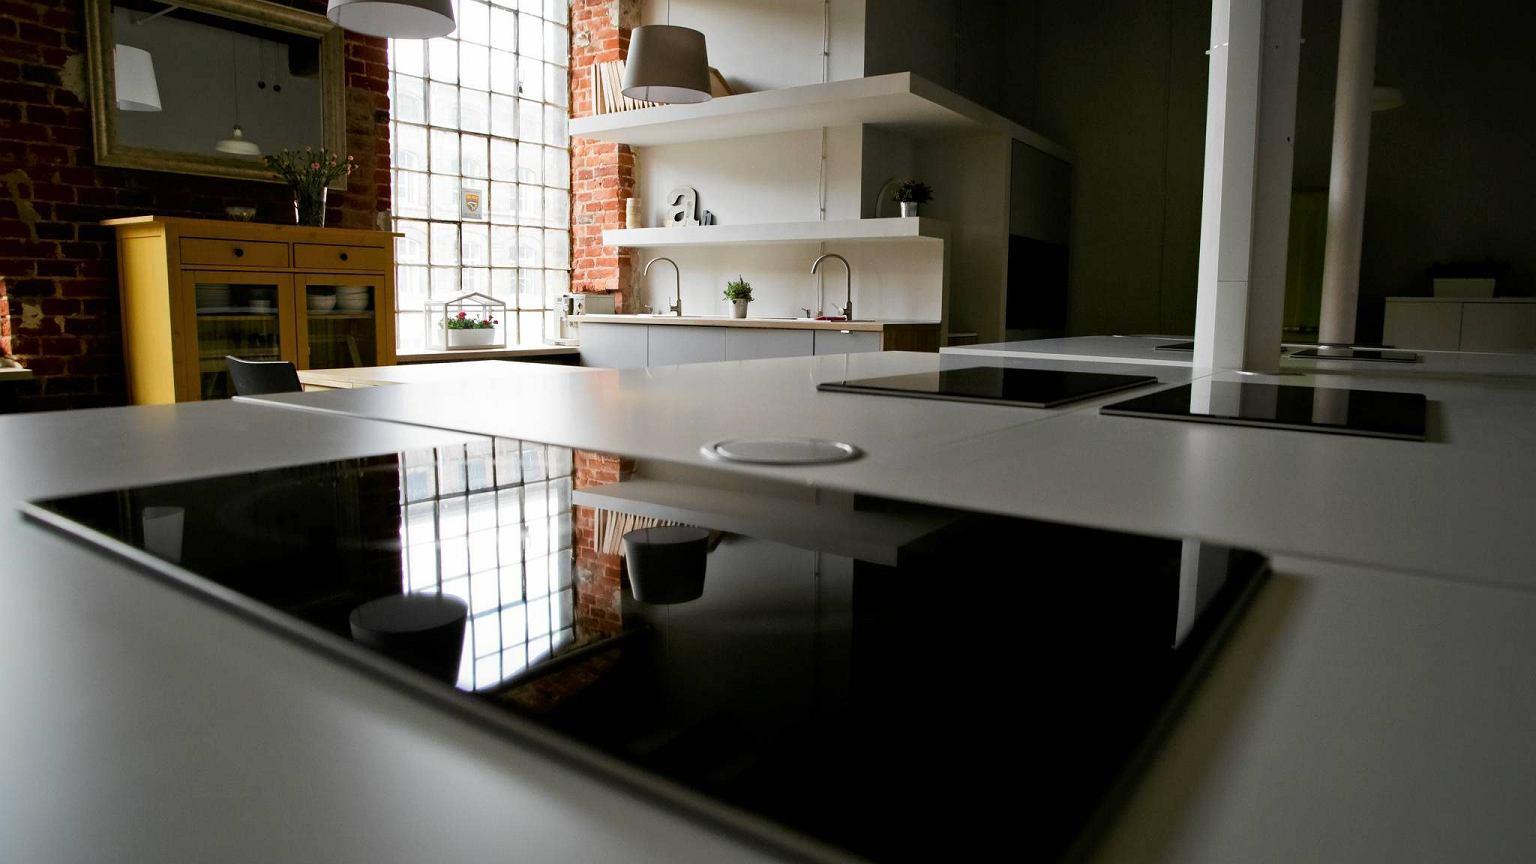 Kuchnia Baccaro  studio kulinarne w OFF Piotrkowska  zdjęcie nr 6 -> Kuchnia Gazowa Lodz